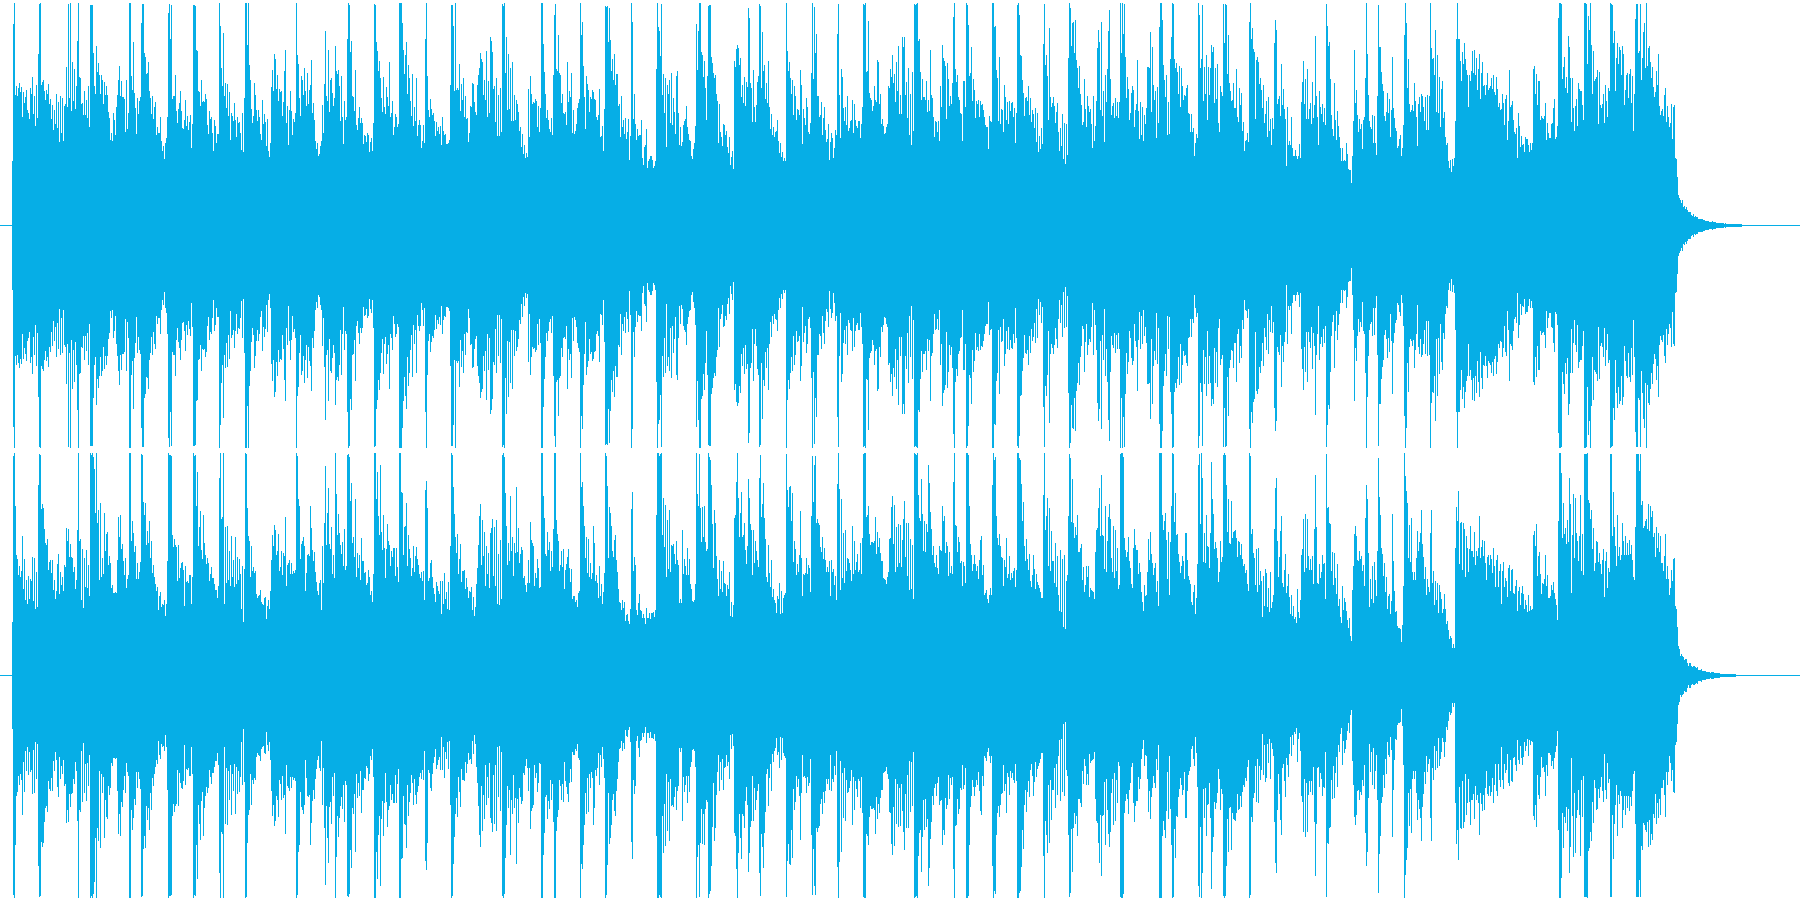 ピアノが爽やかで軽快な短い曲の再生済みの波形